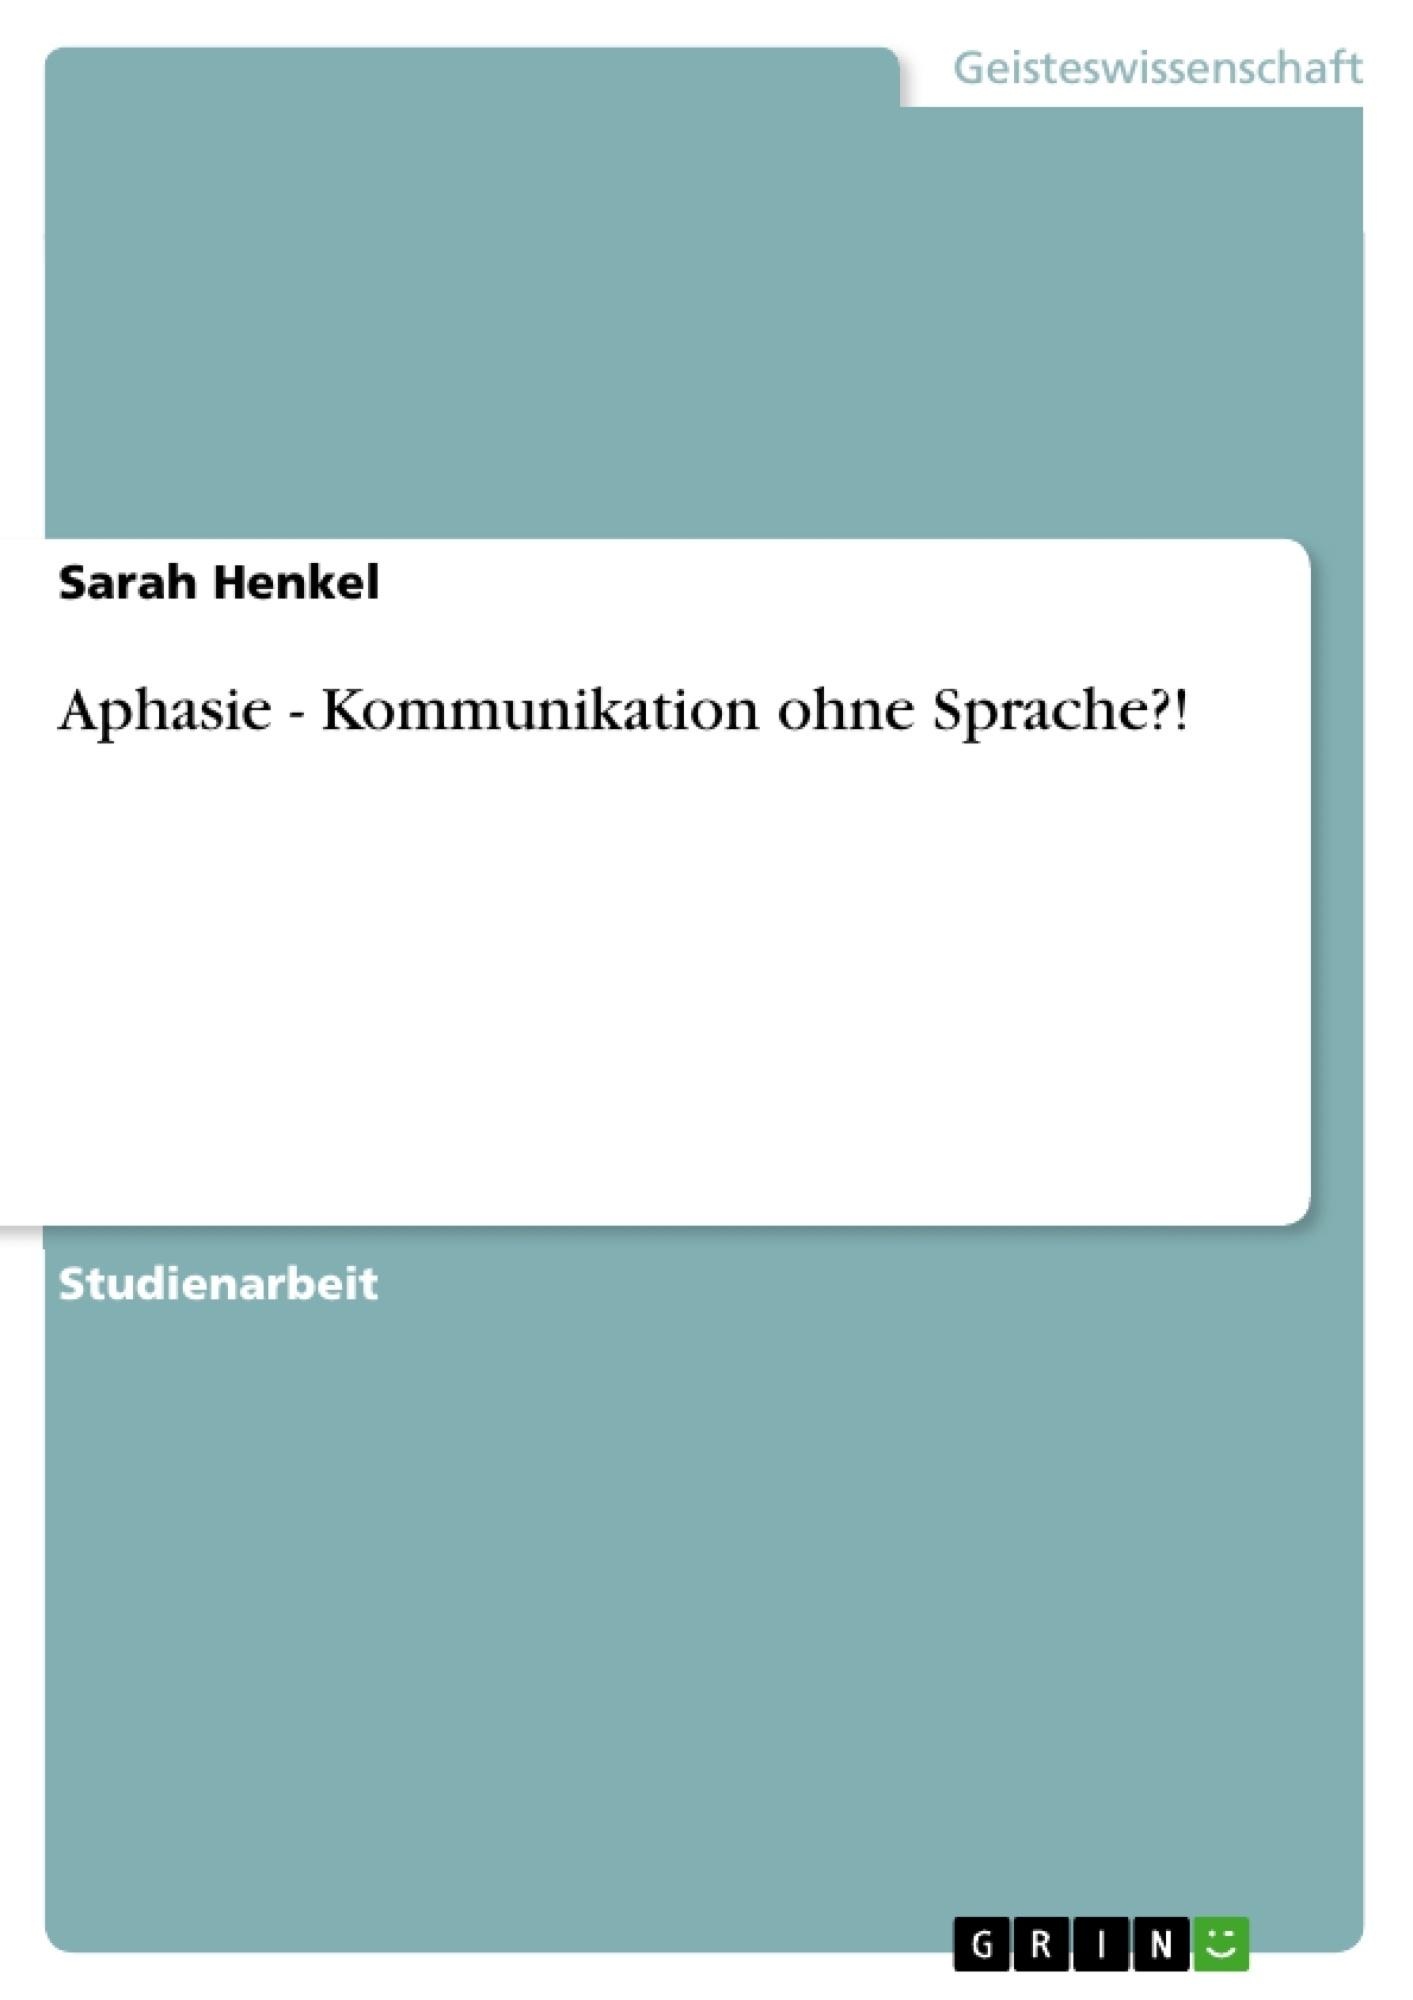 Titel: Aphasie - Kommunikation ohne Sprache?!